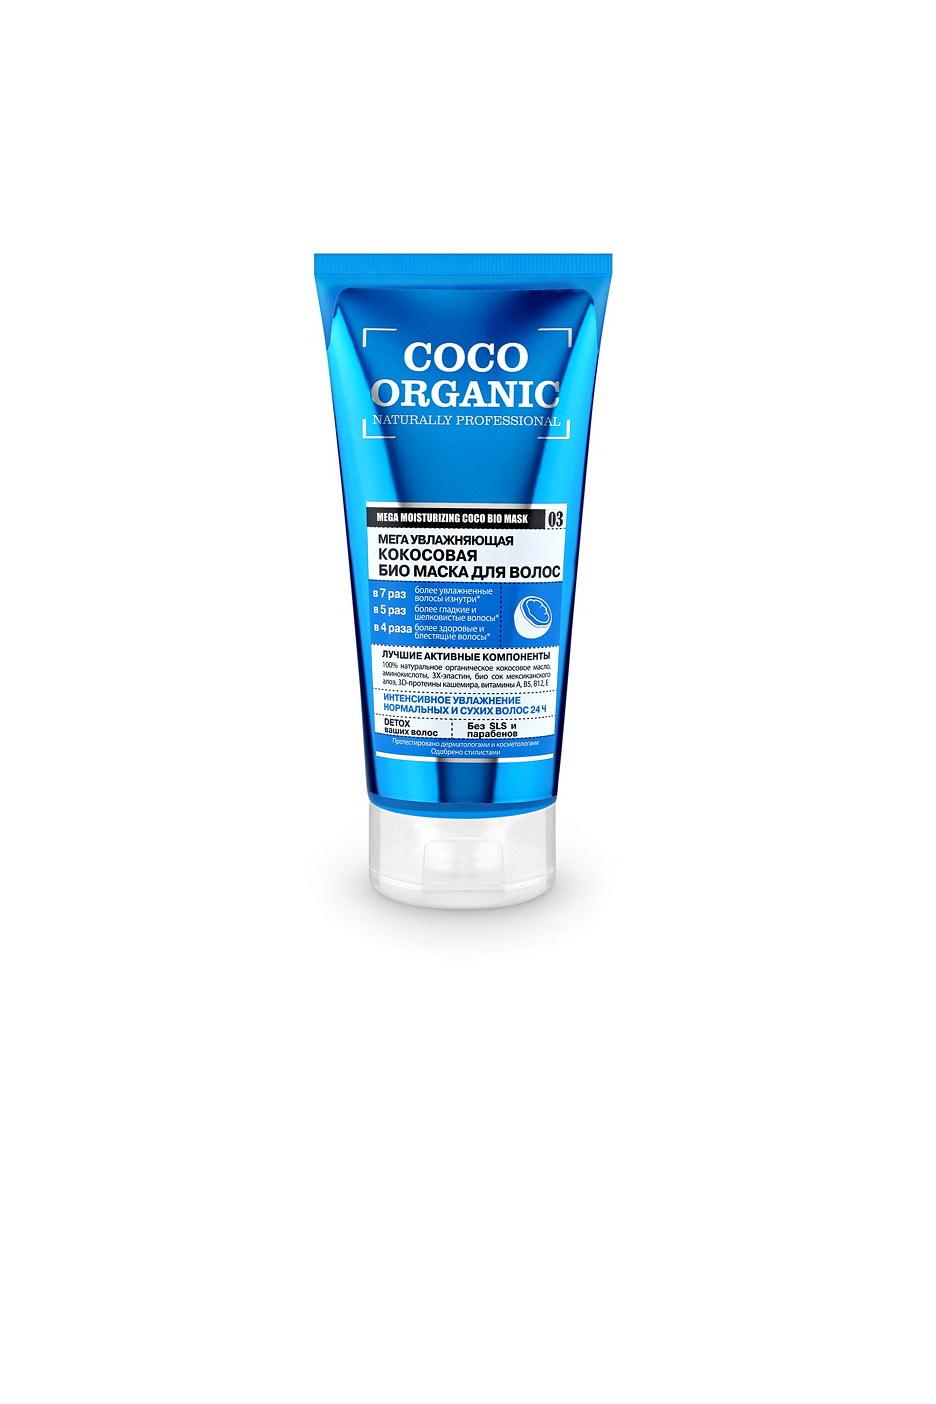 Оrganic Shop Naturally Professional Маска для волос Мега увлажняющая, кокосовая, 200 мл0861-1-4066100% натуральное органическое кокосовое масло и био сок мексиканского алоэ интенсивно увлажняют волосы и надолго сохраняют влагу глубоко в структуре волос. Аминокислоты укрепляют ослабленные корни, делают волосы более здоровыми. 3Х-эластин выравнивает поверхность волос, предотвращает ломкость и сечение, делает волосы гладкими и эластичными по всей длине. 3D протеины кашемира проникают в повреждённые участки волос, восстанавливая микротрещины и повреждения, придают жизненную силу и ослепительный блеск.Товар сертифицирован.